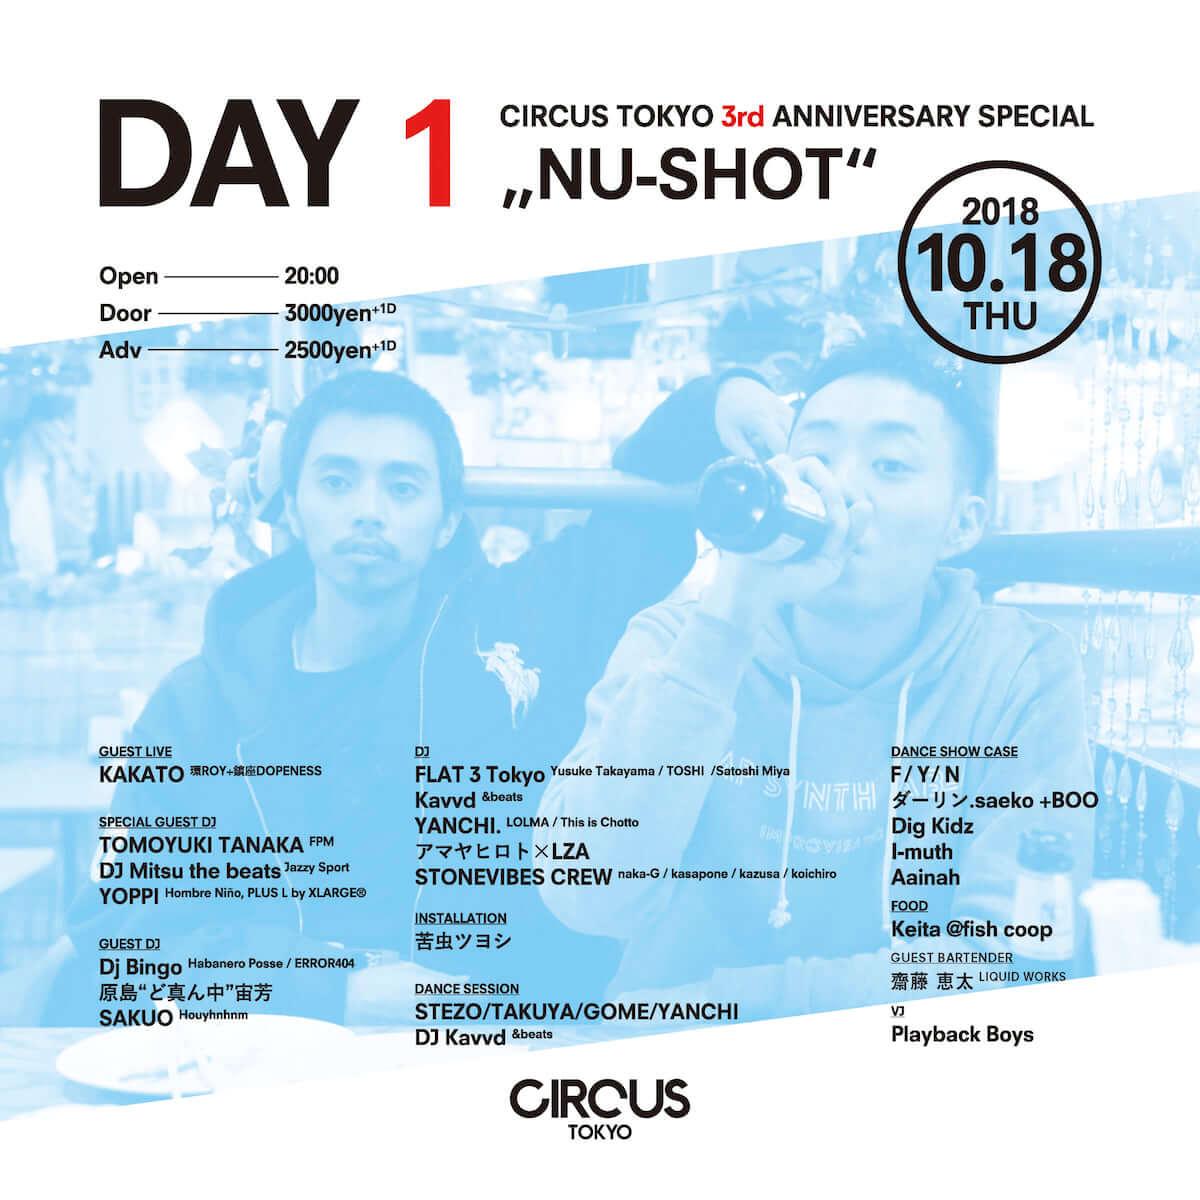 ゲストにKAKATO(環ROY+鎮座DOPENESS)やTOMOYUKI TANAKA、DJ Mitsu the Beatsを迎え「NU-SHOT」が開催 music181016-nu-shot-1-1200x1200